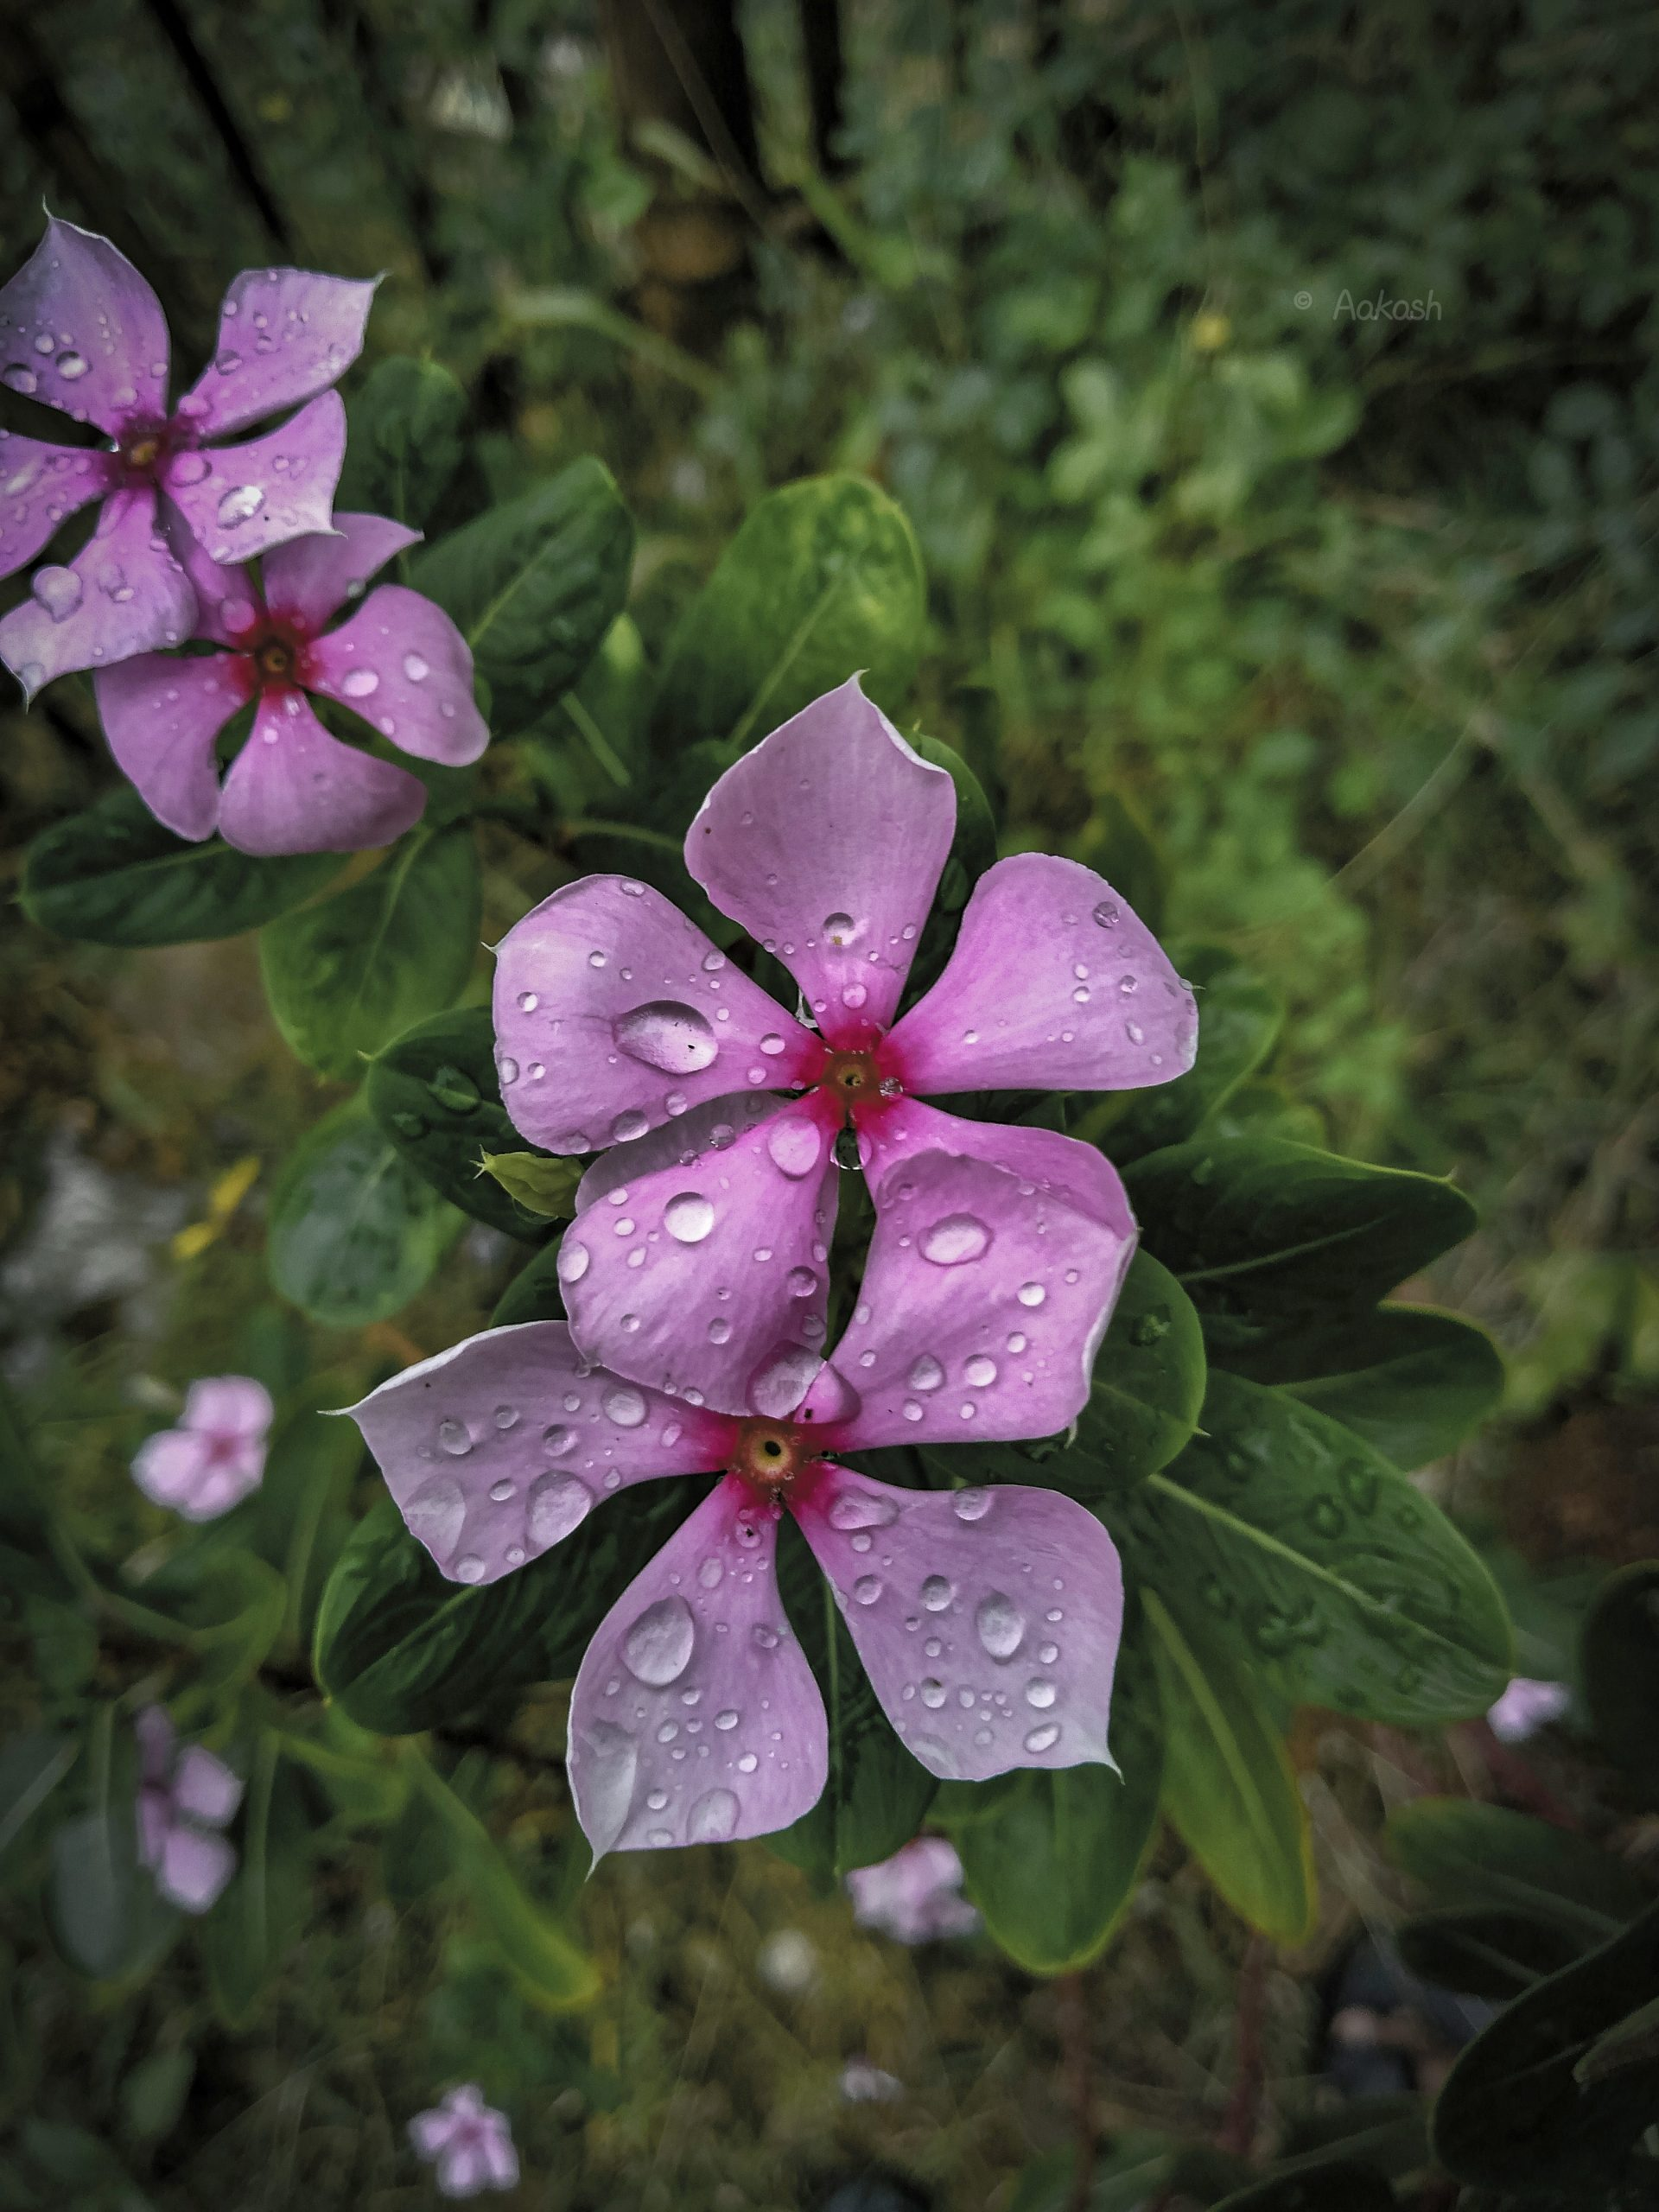 Vinca Rosea flowers